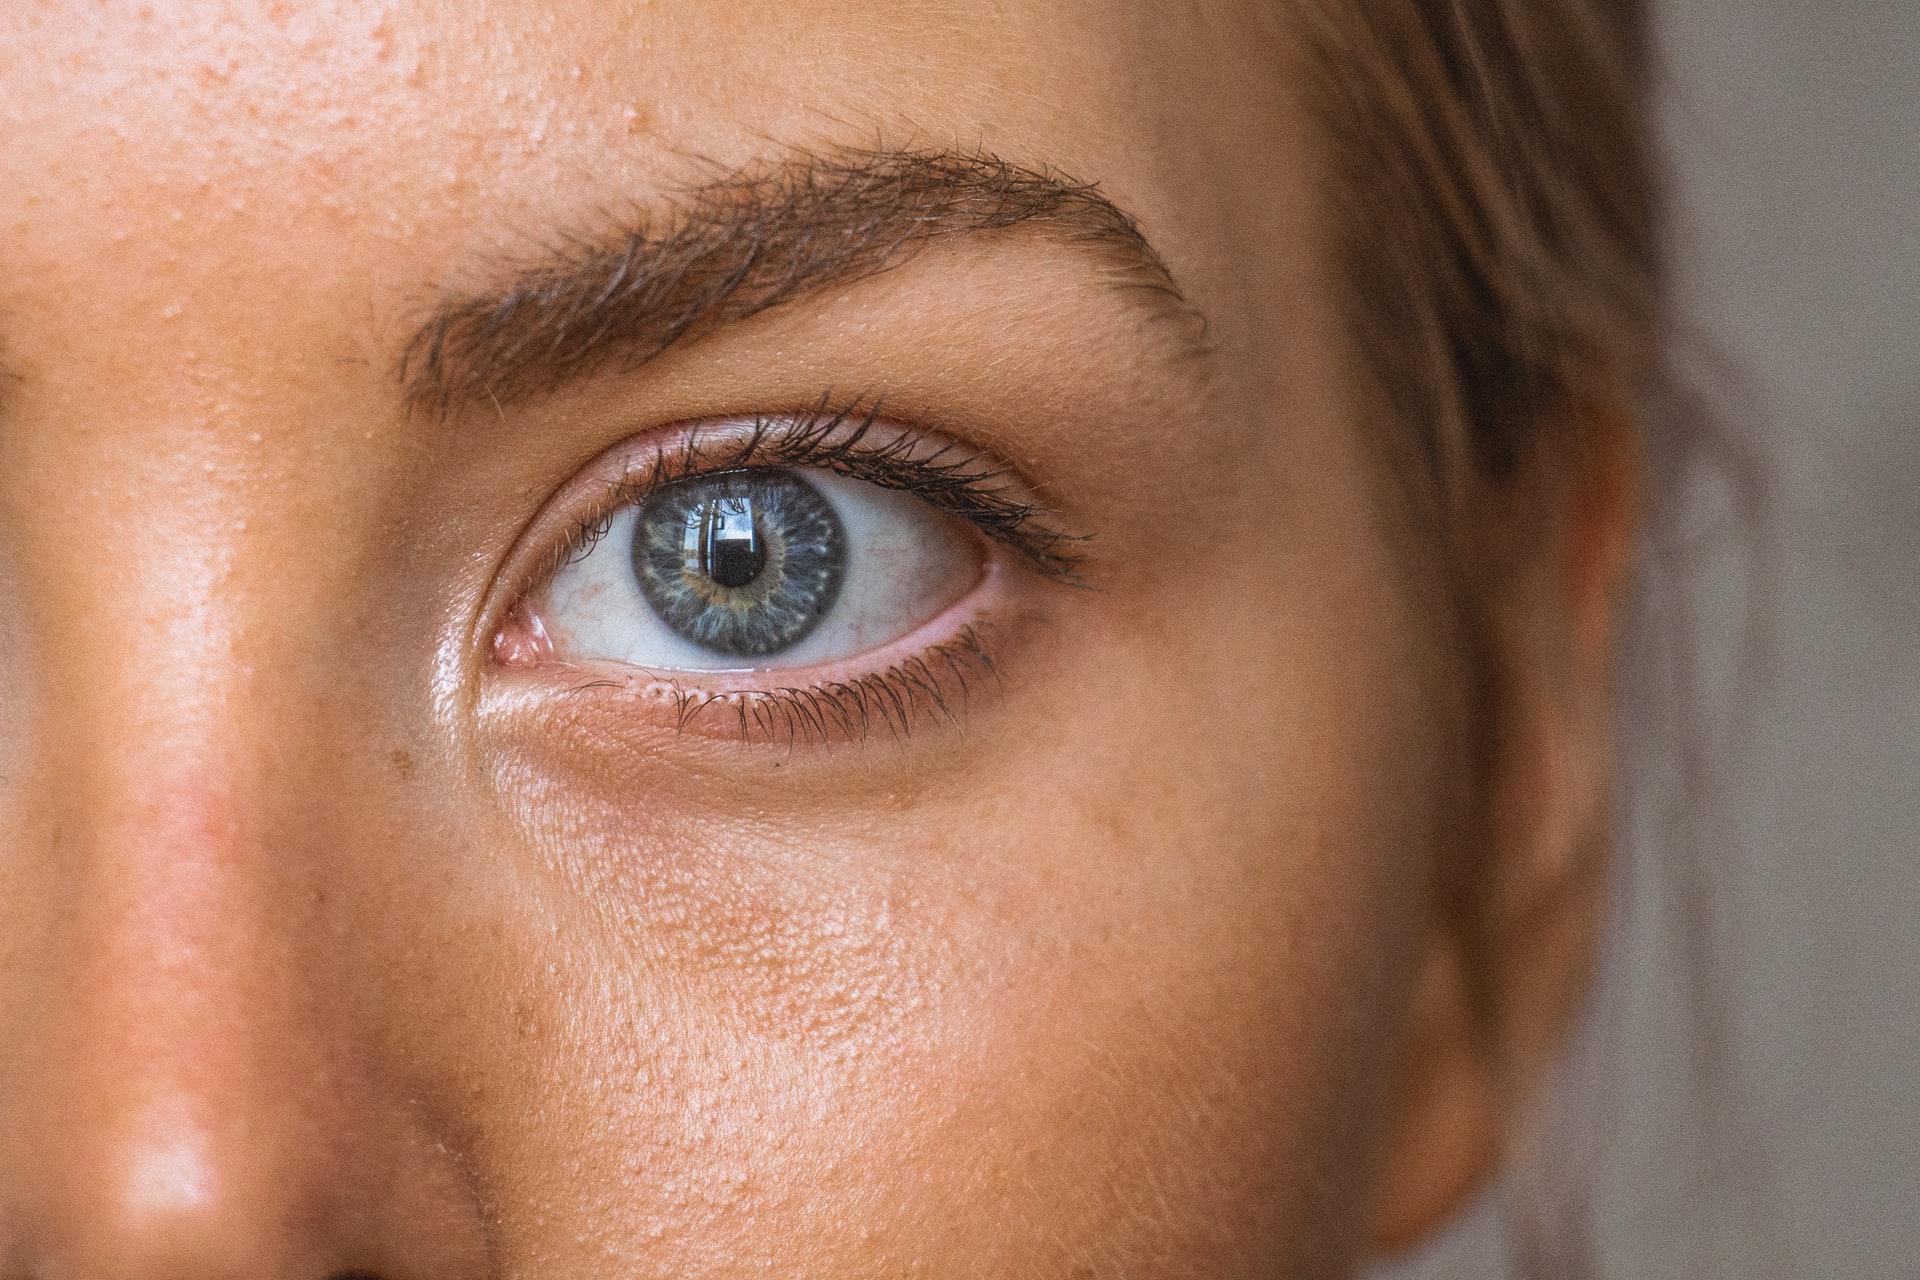 an eye for an eye www.atozmomm.com